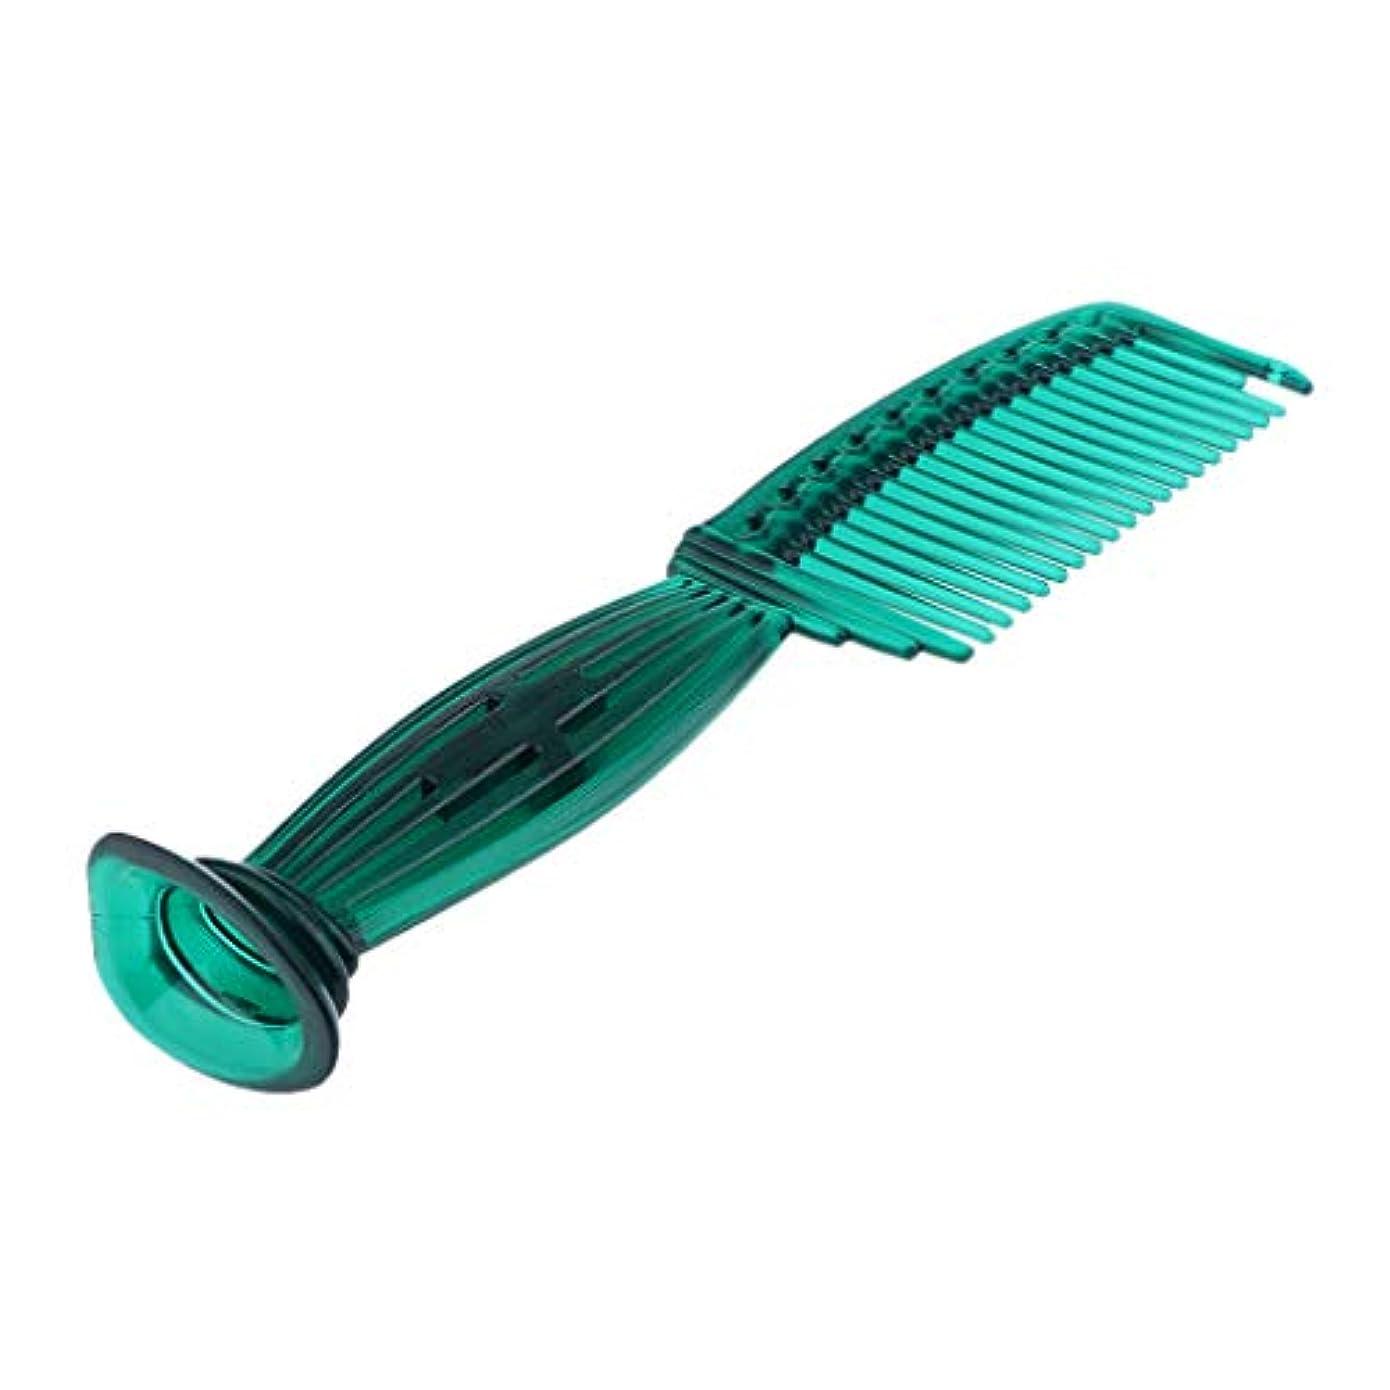 エアコンディレクトリマーチャンダイザーB Baosity ヘアコーム ヘアブラシ ラウンドチップ ワイドスペースの歯 頭皮保護 櫛 5色選べ - 緑